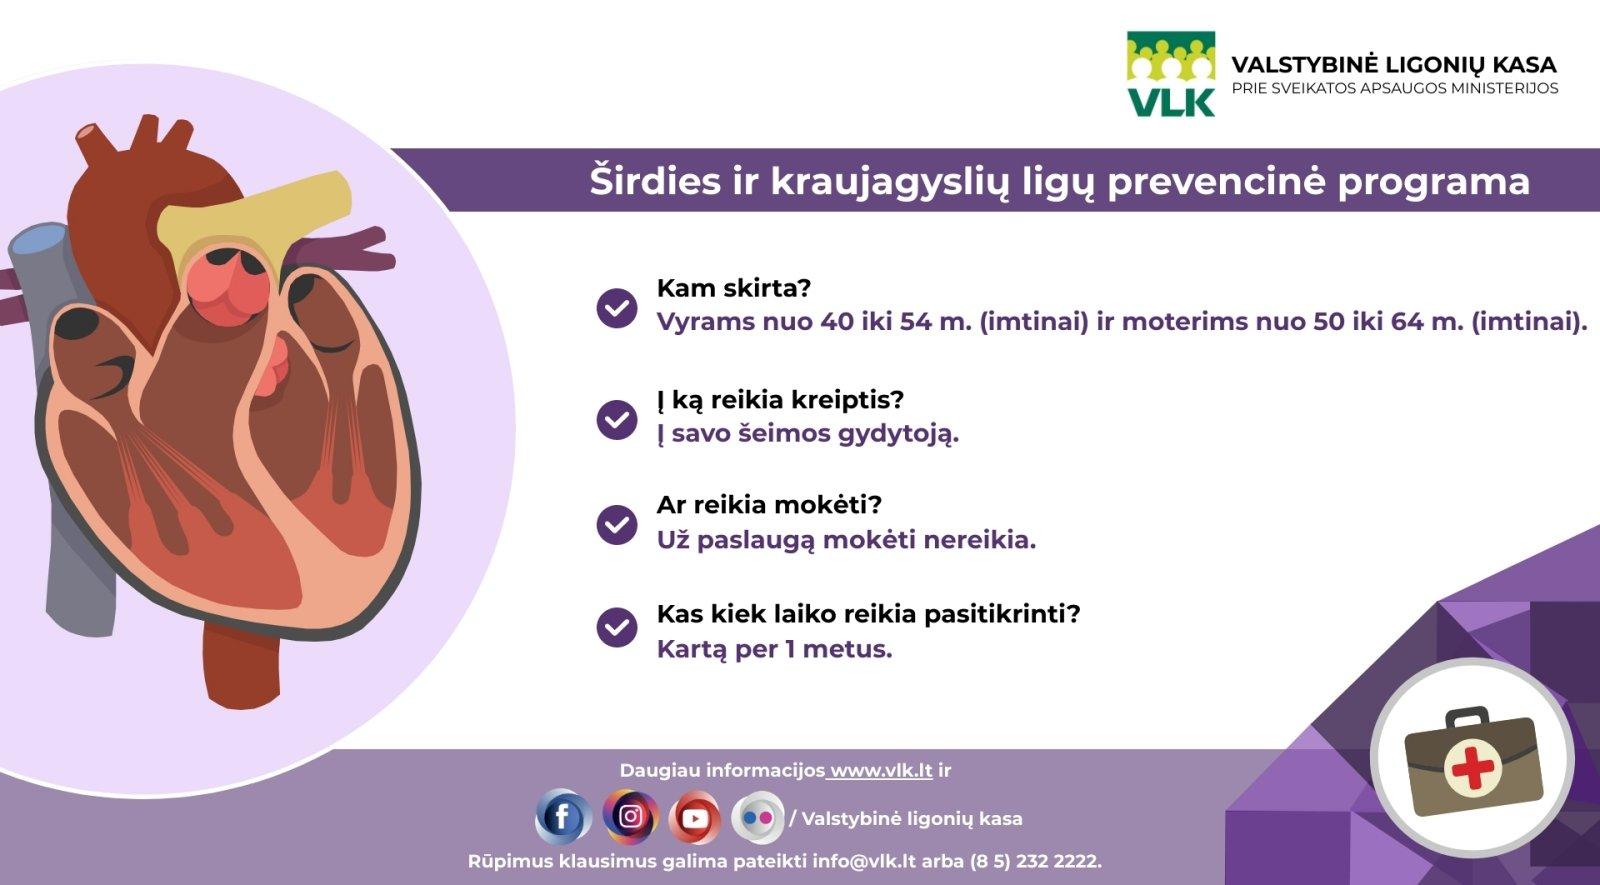 hipertenzija 3 etapai 4 rizikos grupės laipsniai kodėl yra žemas kraujospūdis su hipertenzija